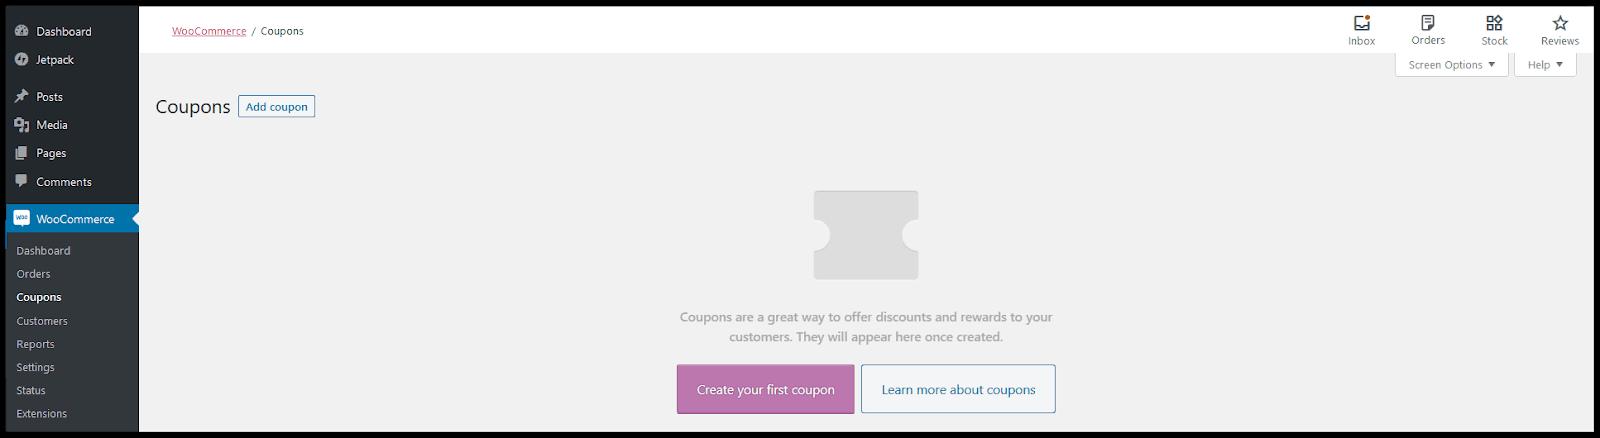 Tutorial WooCommerce untuk menambahkan kupon.